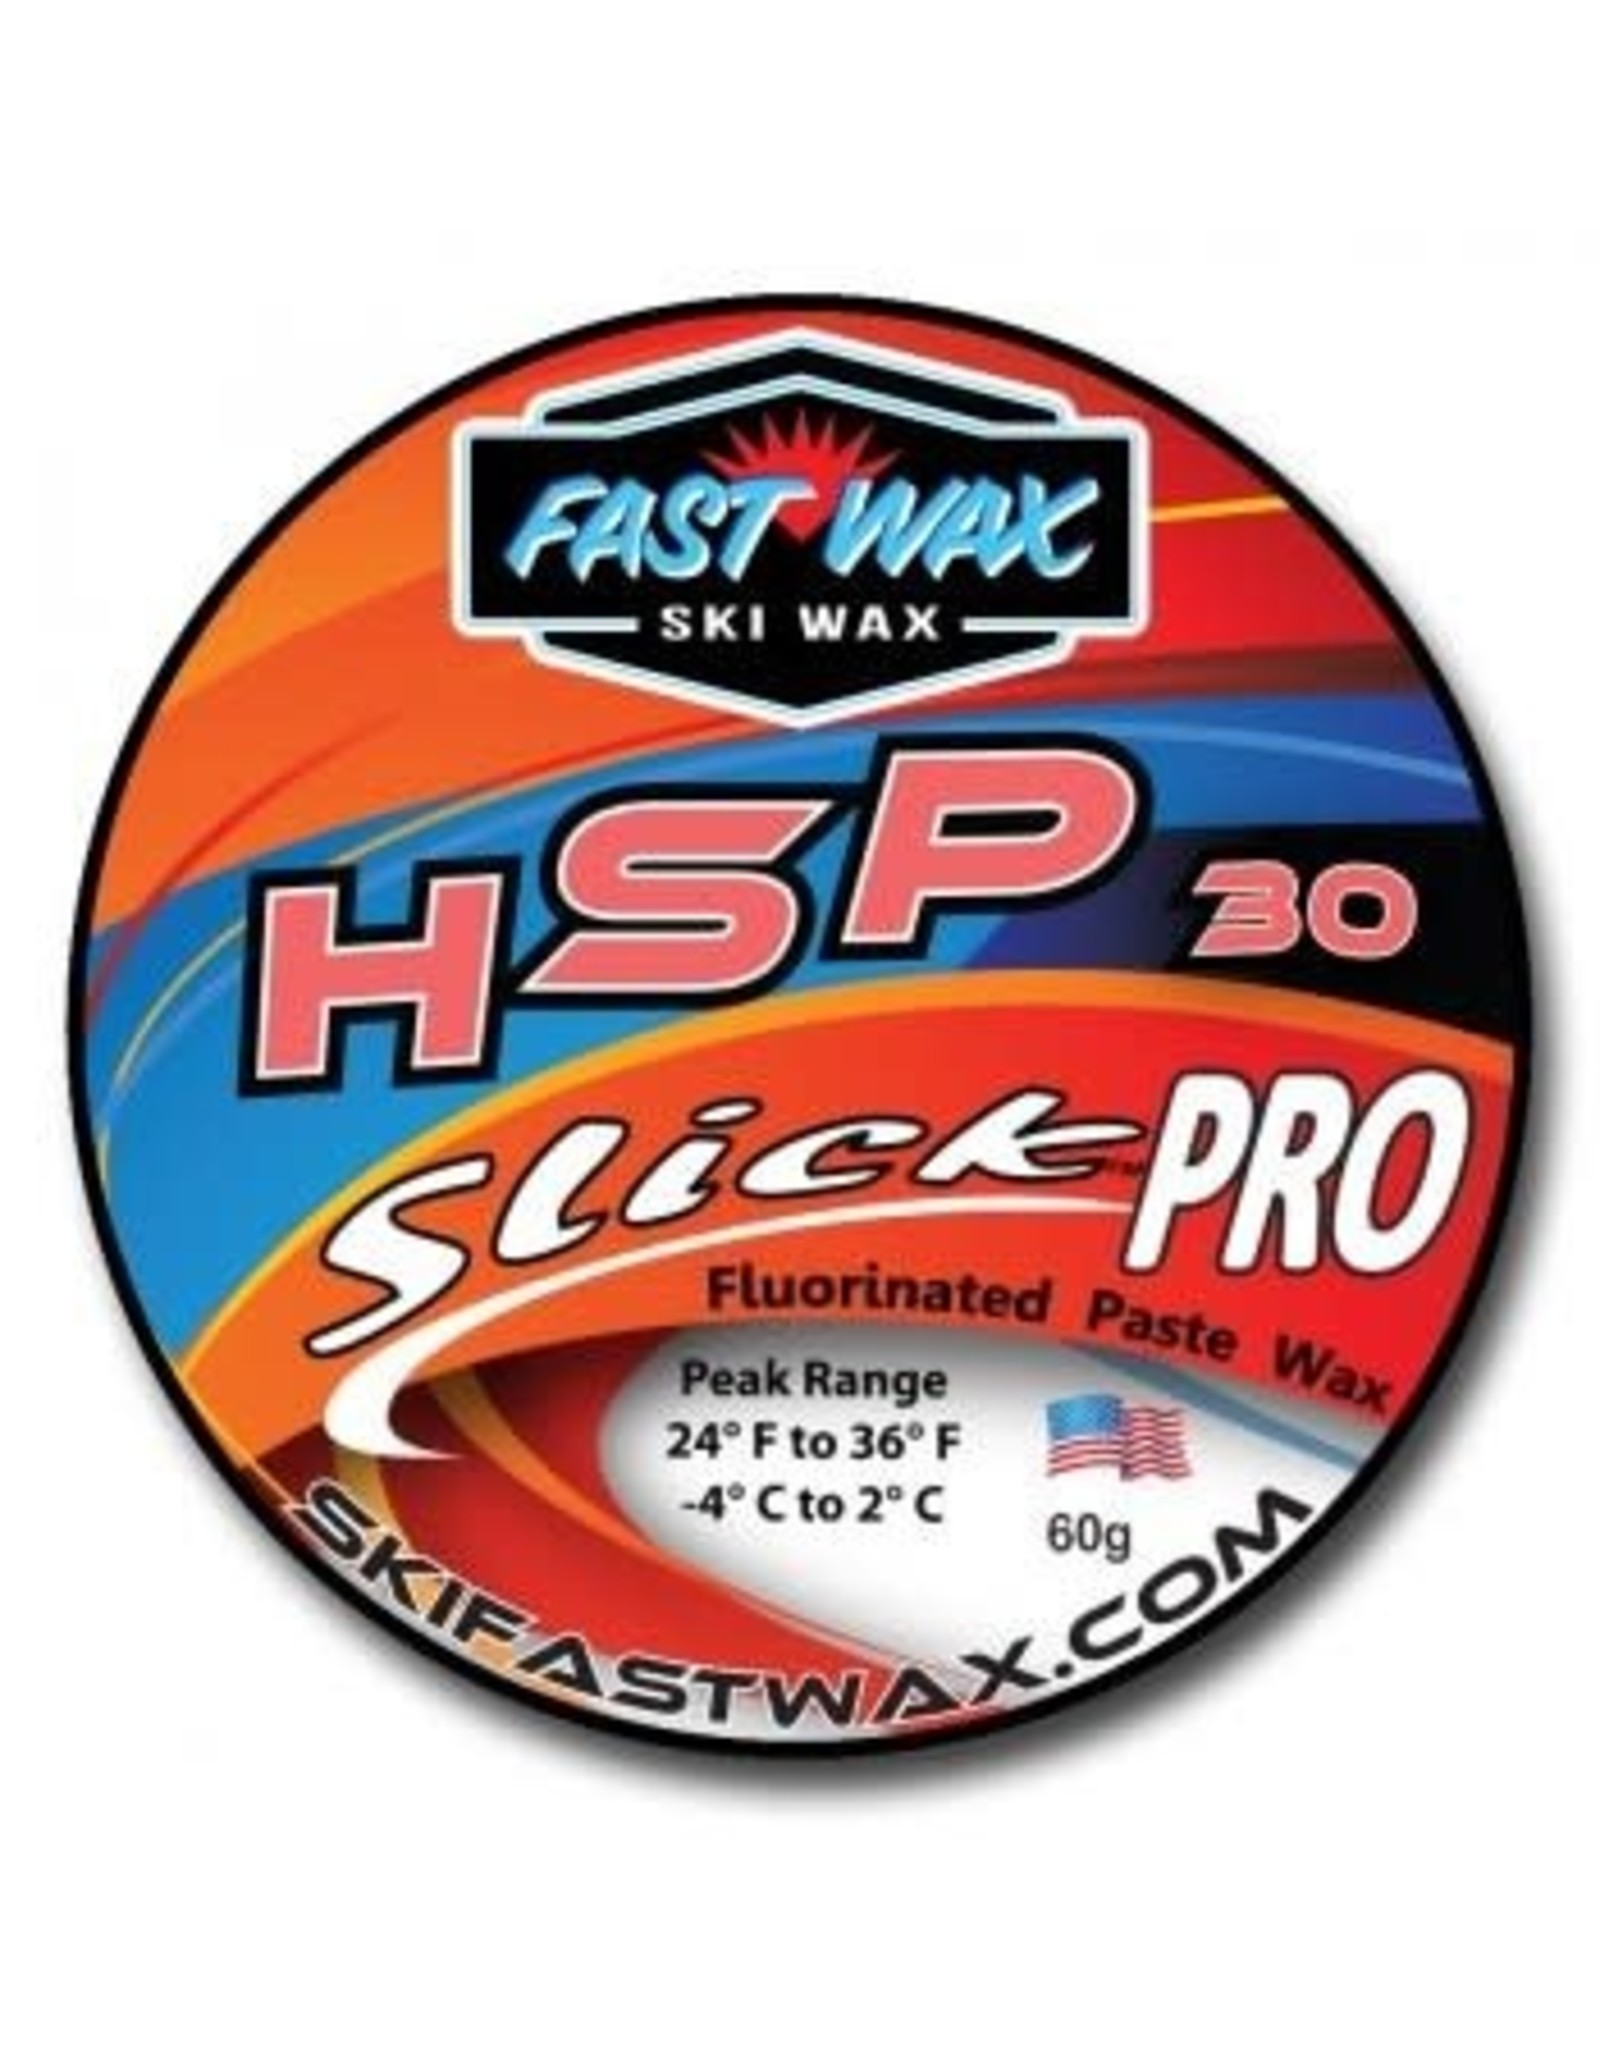 Fast Wax Fast Wax SlickPro HSP 30 Red